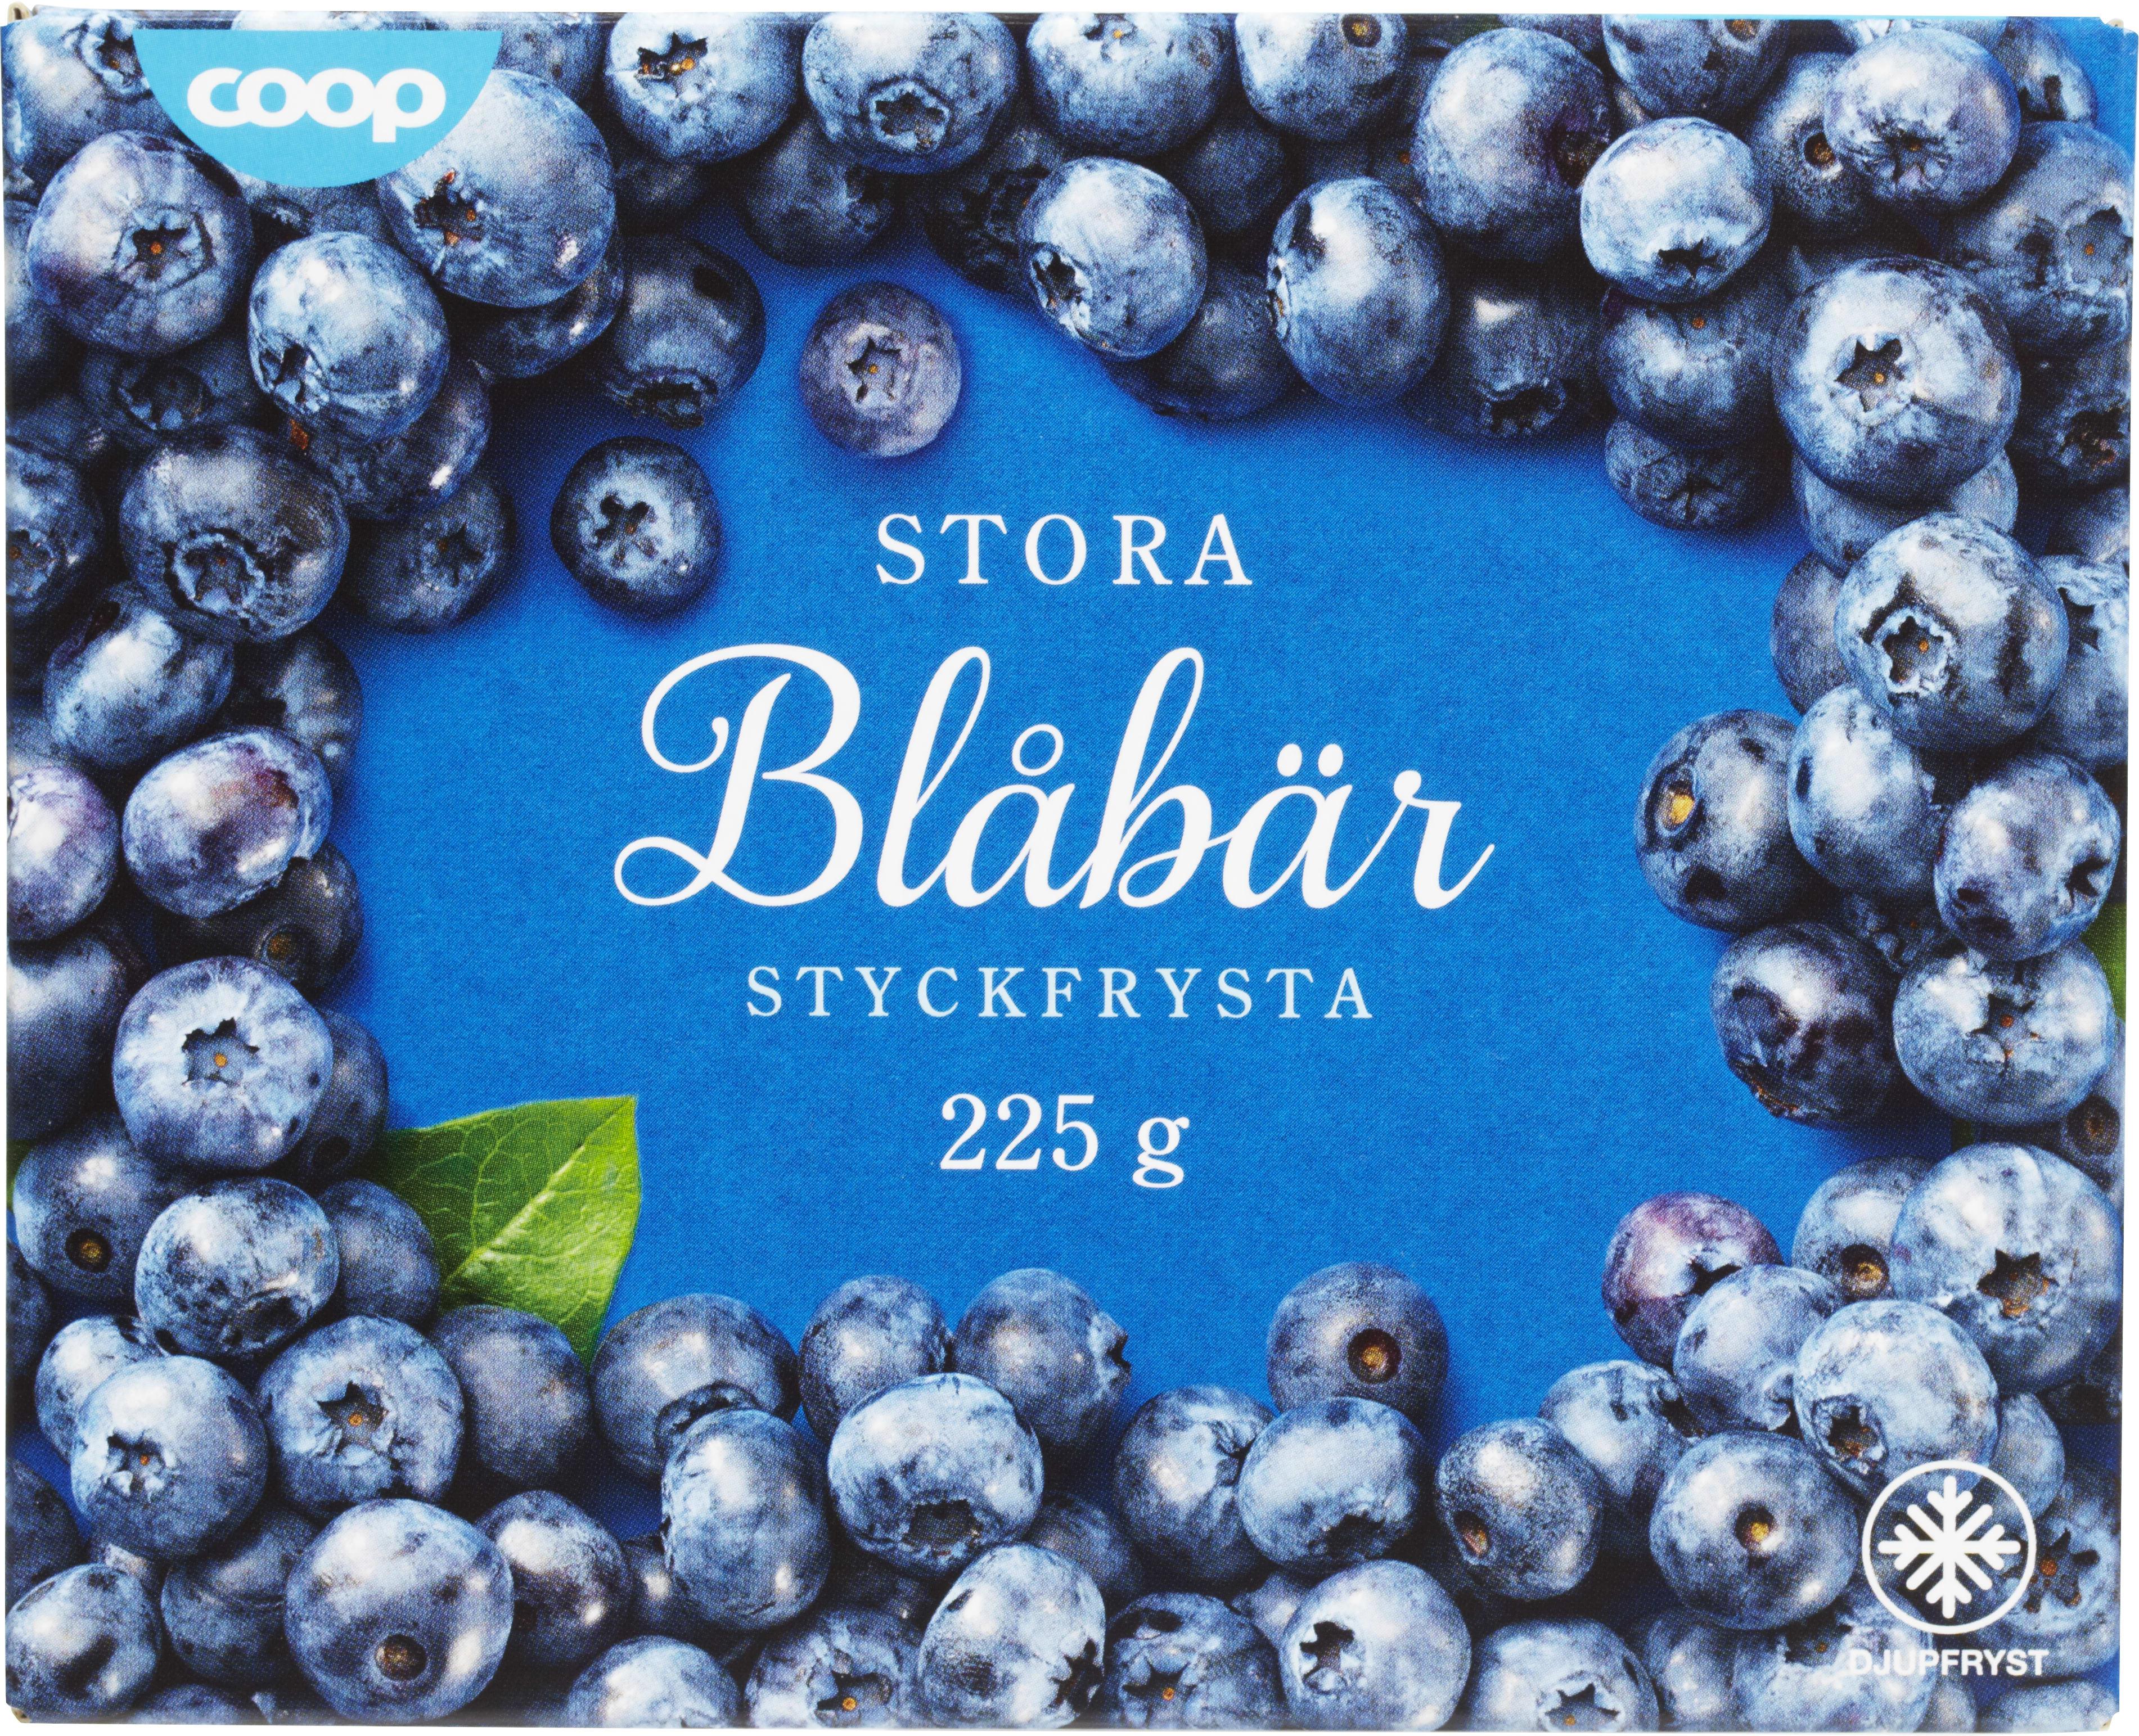 stora odlade blåbär